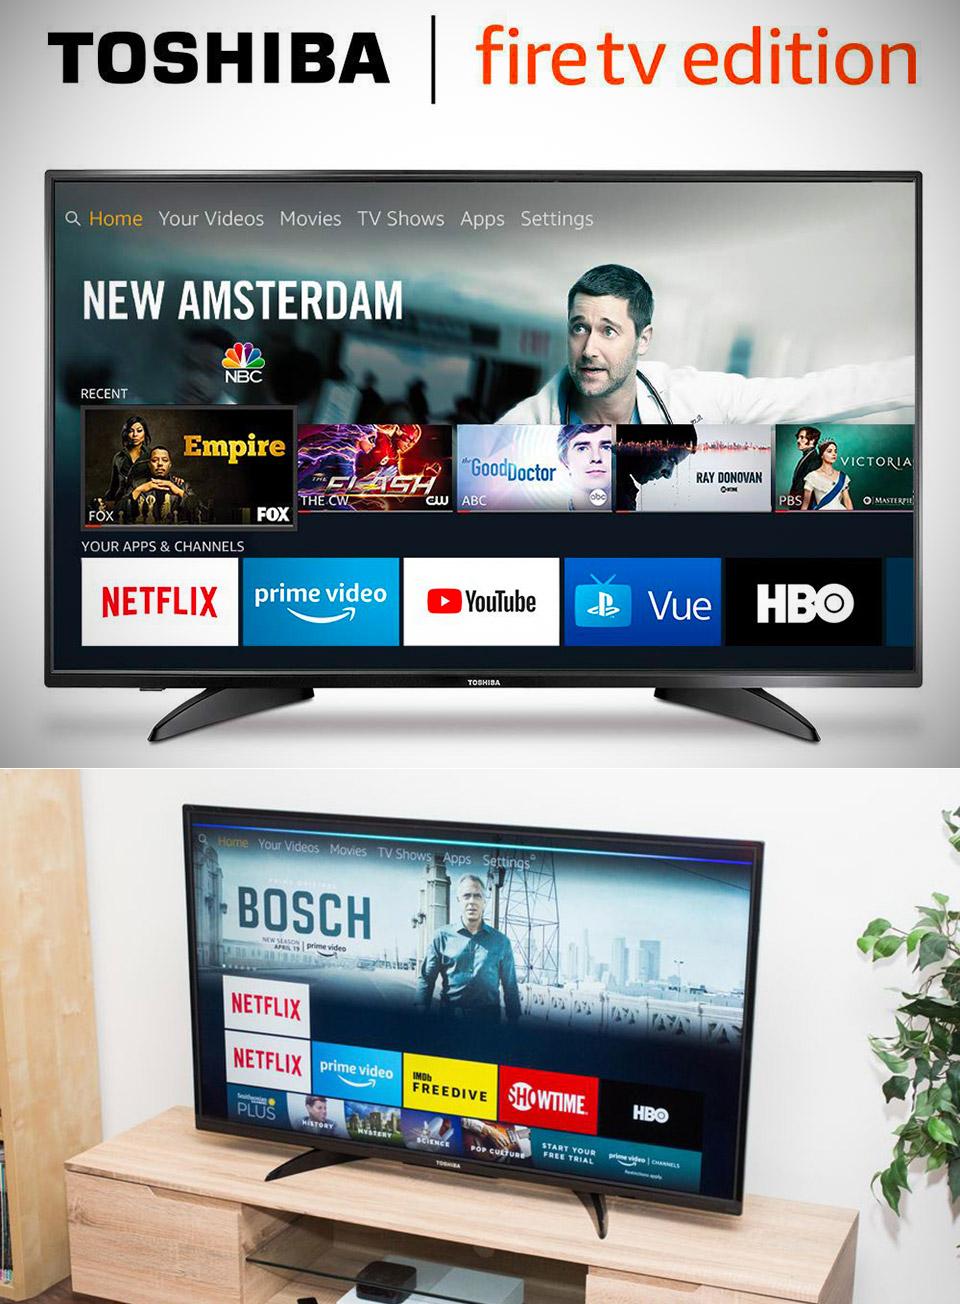 Toshiba Smart LED Fire TV